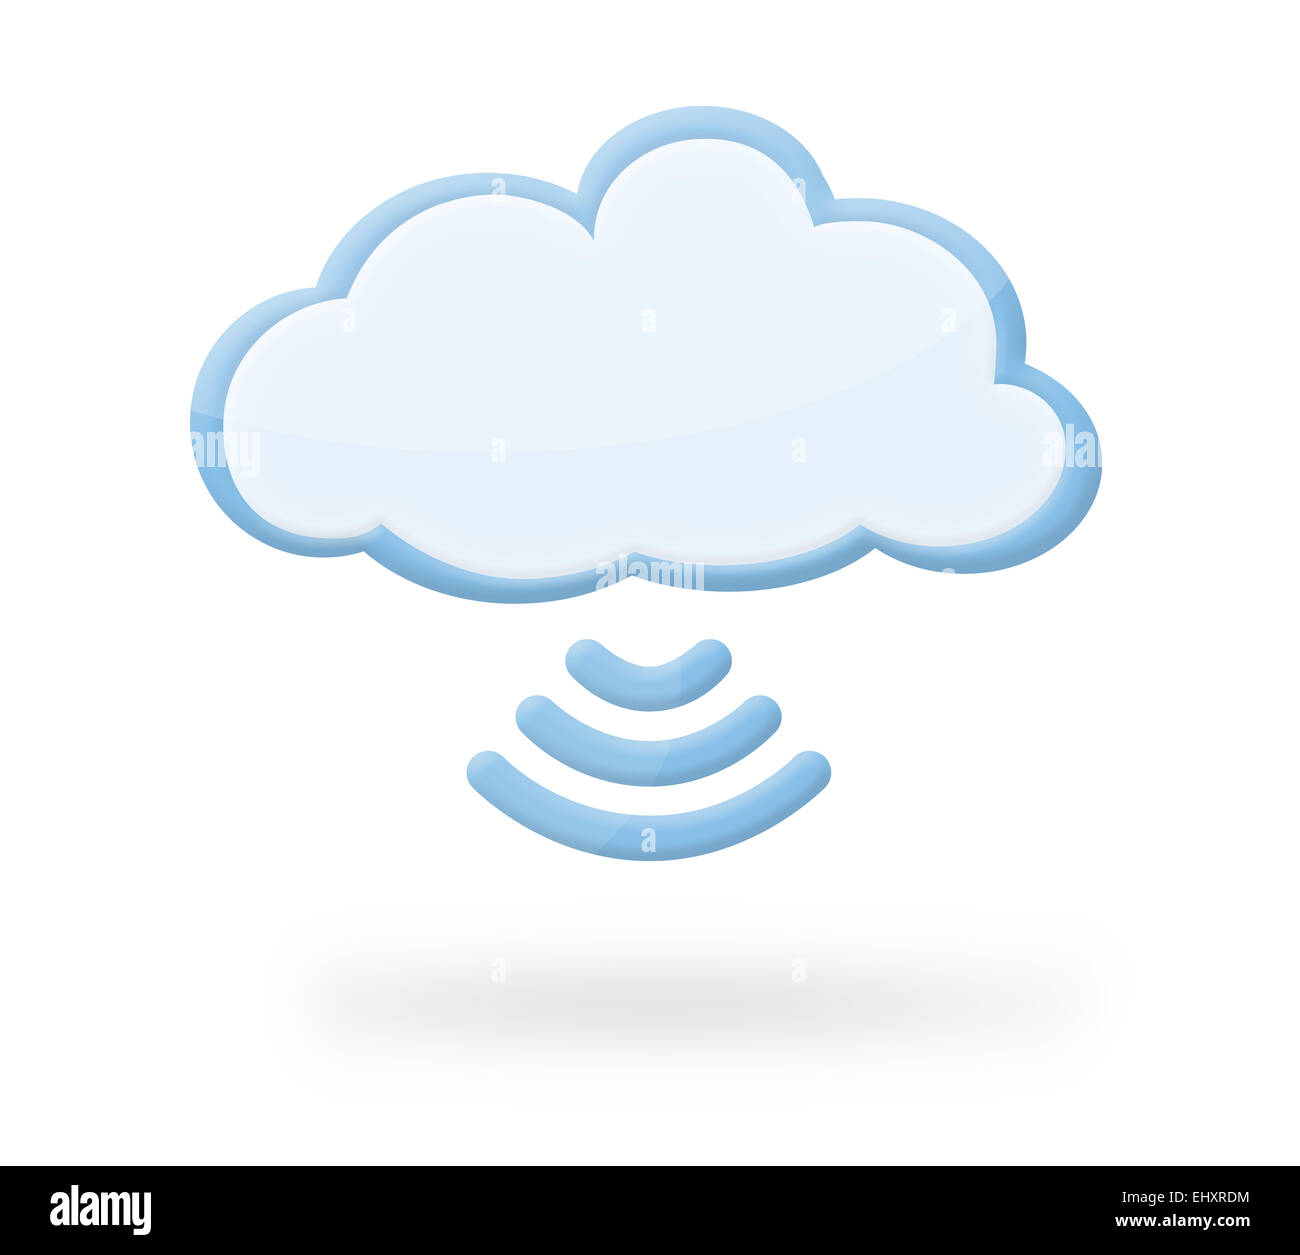 Icono de nube moderno con conexión inalámbrica a internet wi-fi y símbolo de sombra, lo que podría Imagen De Stock